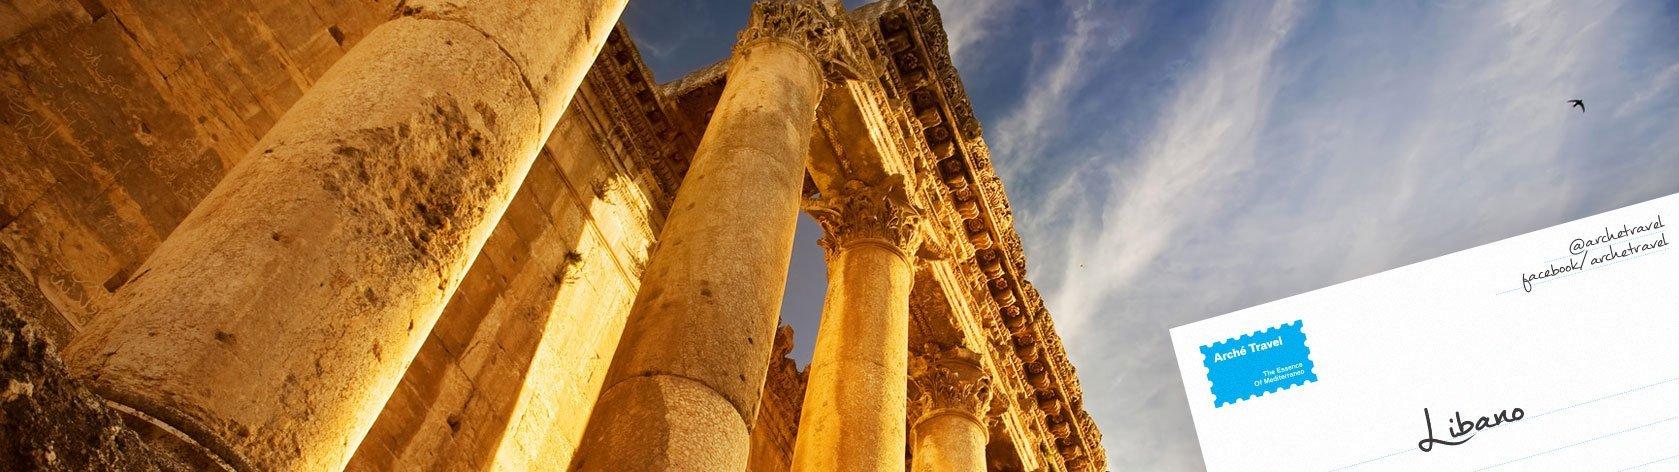 Blog libano - Guida di Viaggio libano - Blog di Viaggio libano